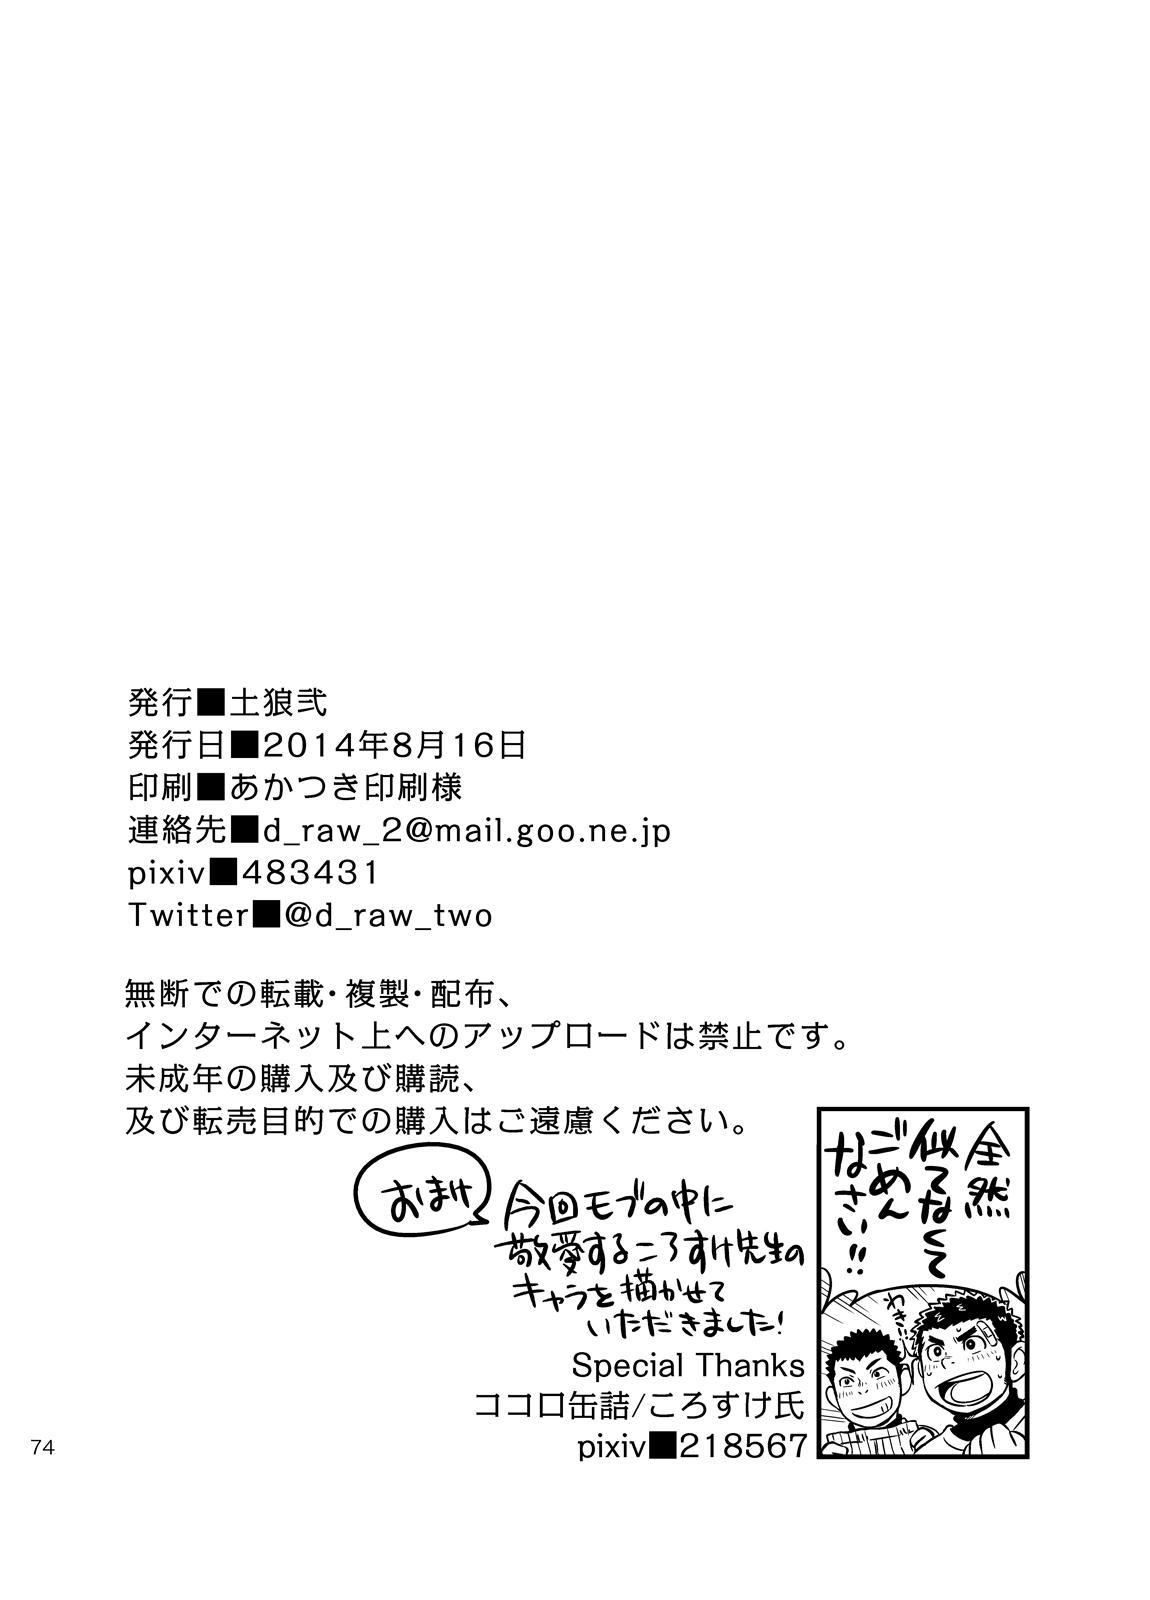 Moshimo Danshikou no Hoken Taiiku ga Jitsugi Ari Dattara 2 | 如果男校的保健体育课有实践环节的话 2 72